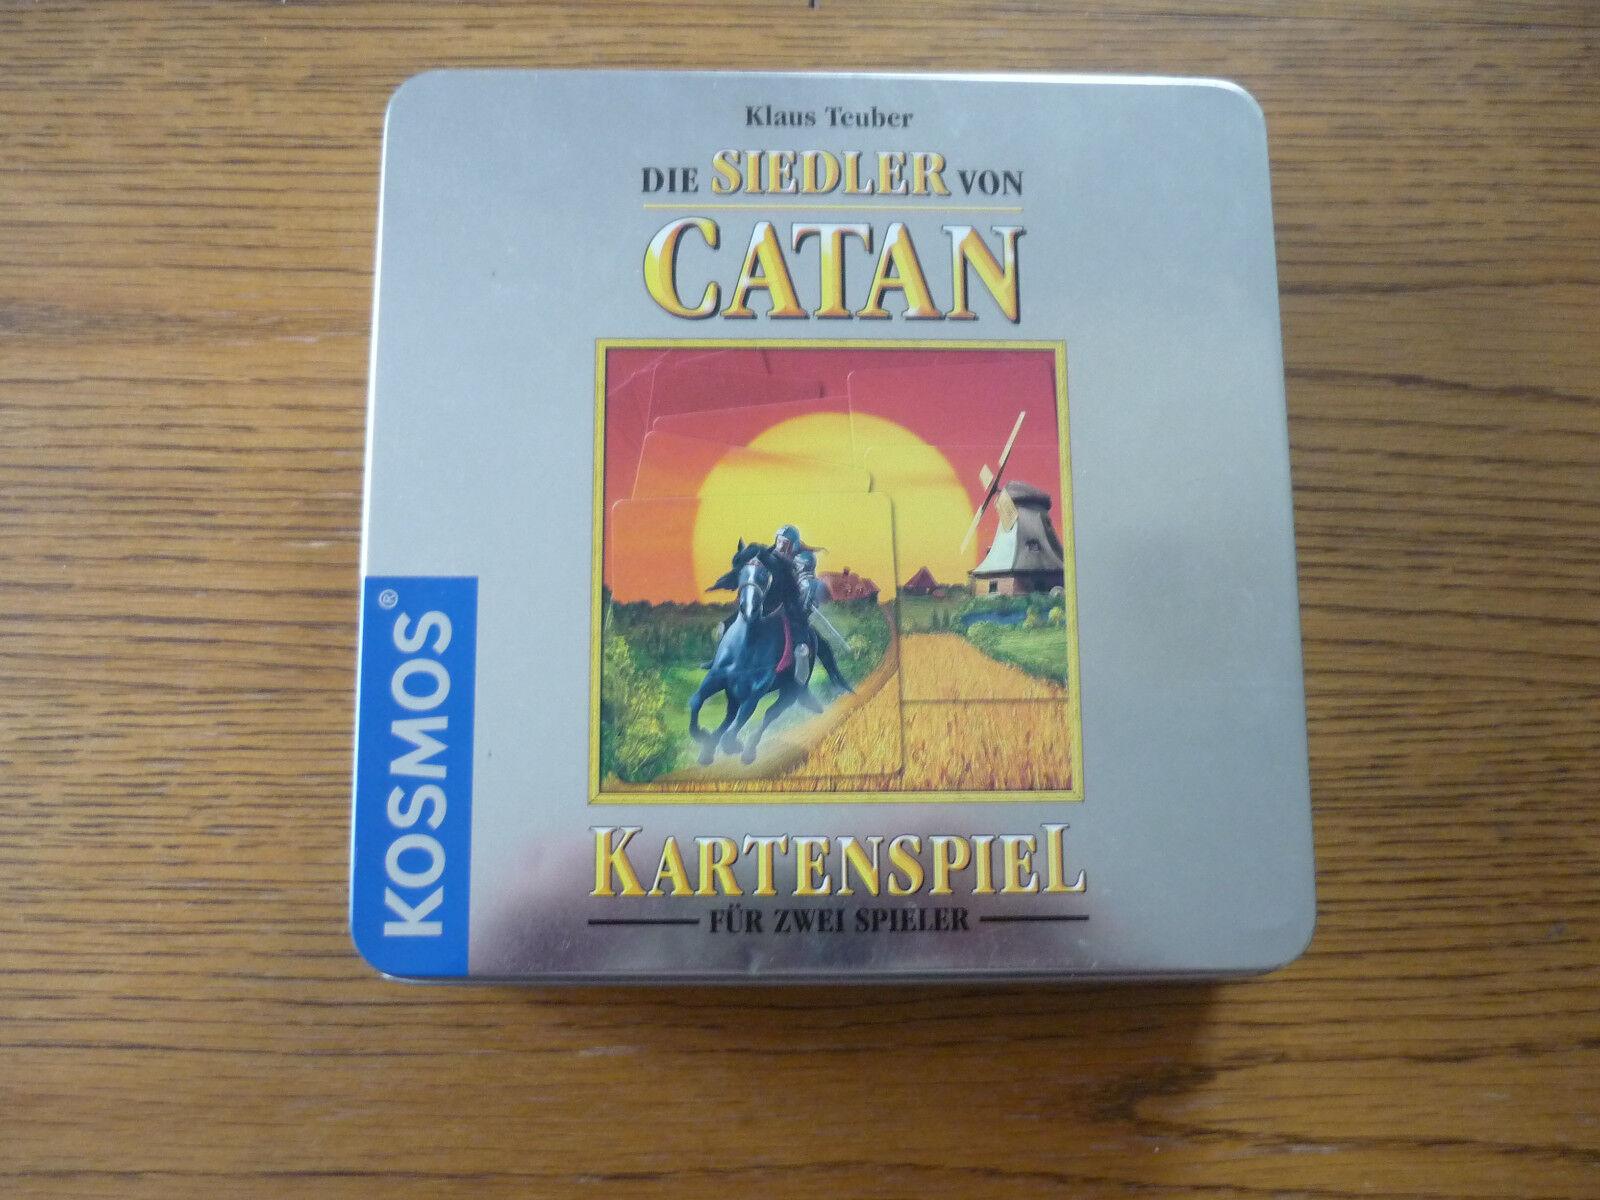 Die Siedler von Catan - Kartenspiel für zwei Spieler -Blechbox- Kosmos-teils OVP